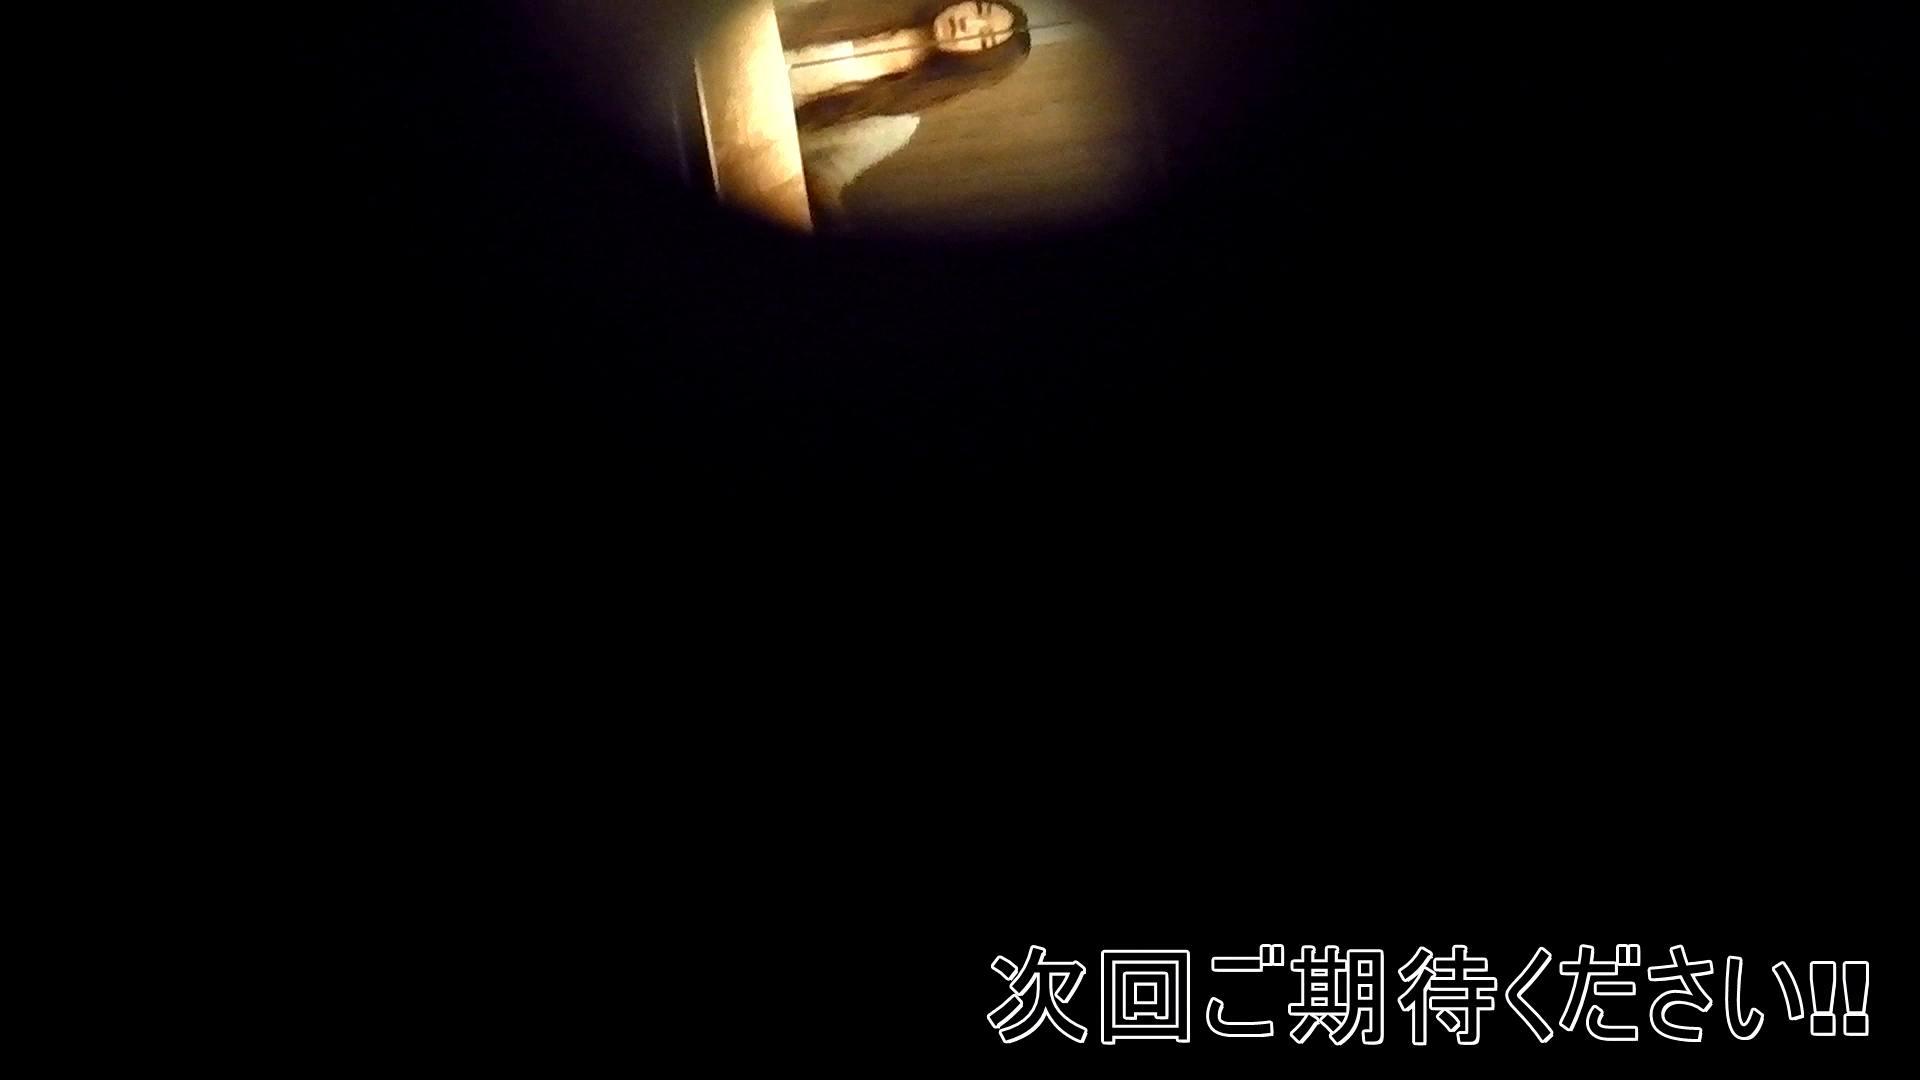 阿国ちゃんの「和式洋式七変化」No.9 盛合せ えろ無修正画像 98枚 21